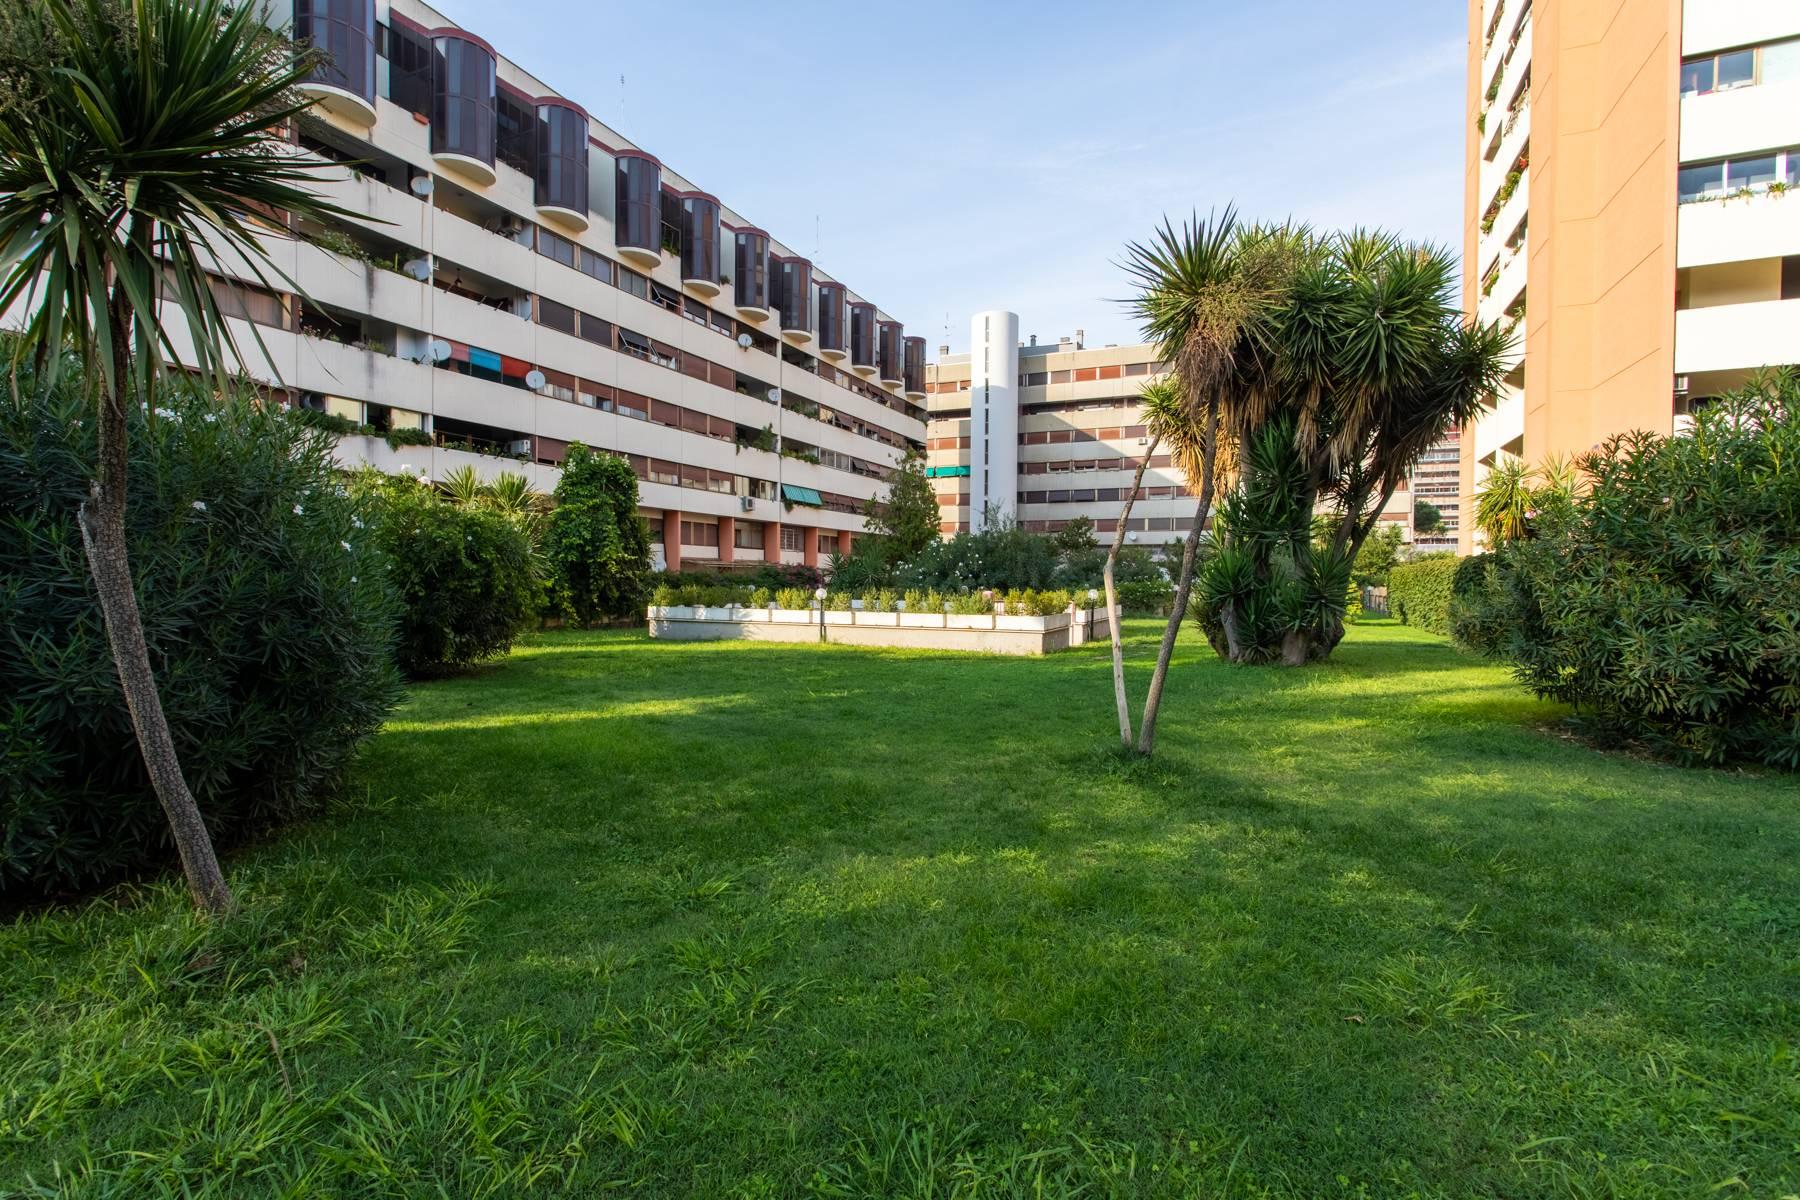 Appartamento in Vendita a Roma: 4 locali, 131 mq - Foto 3